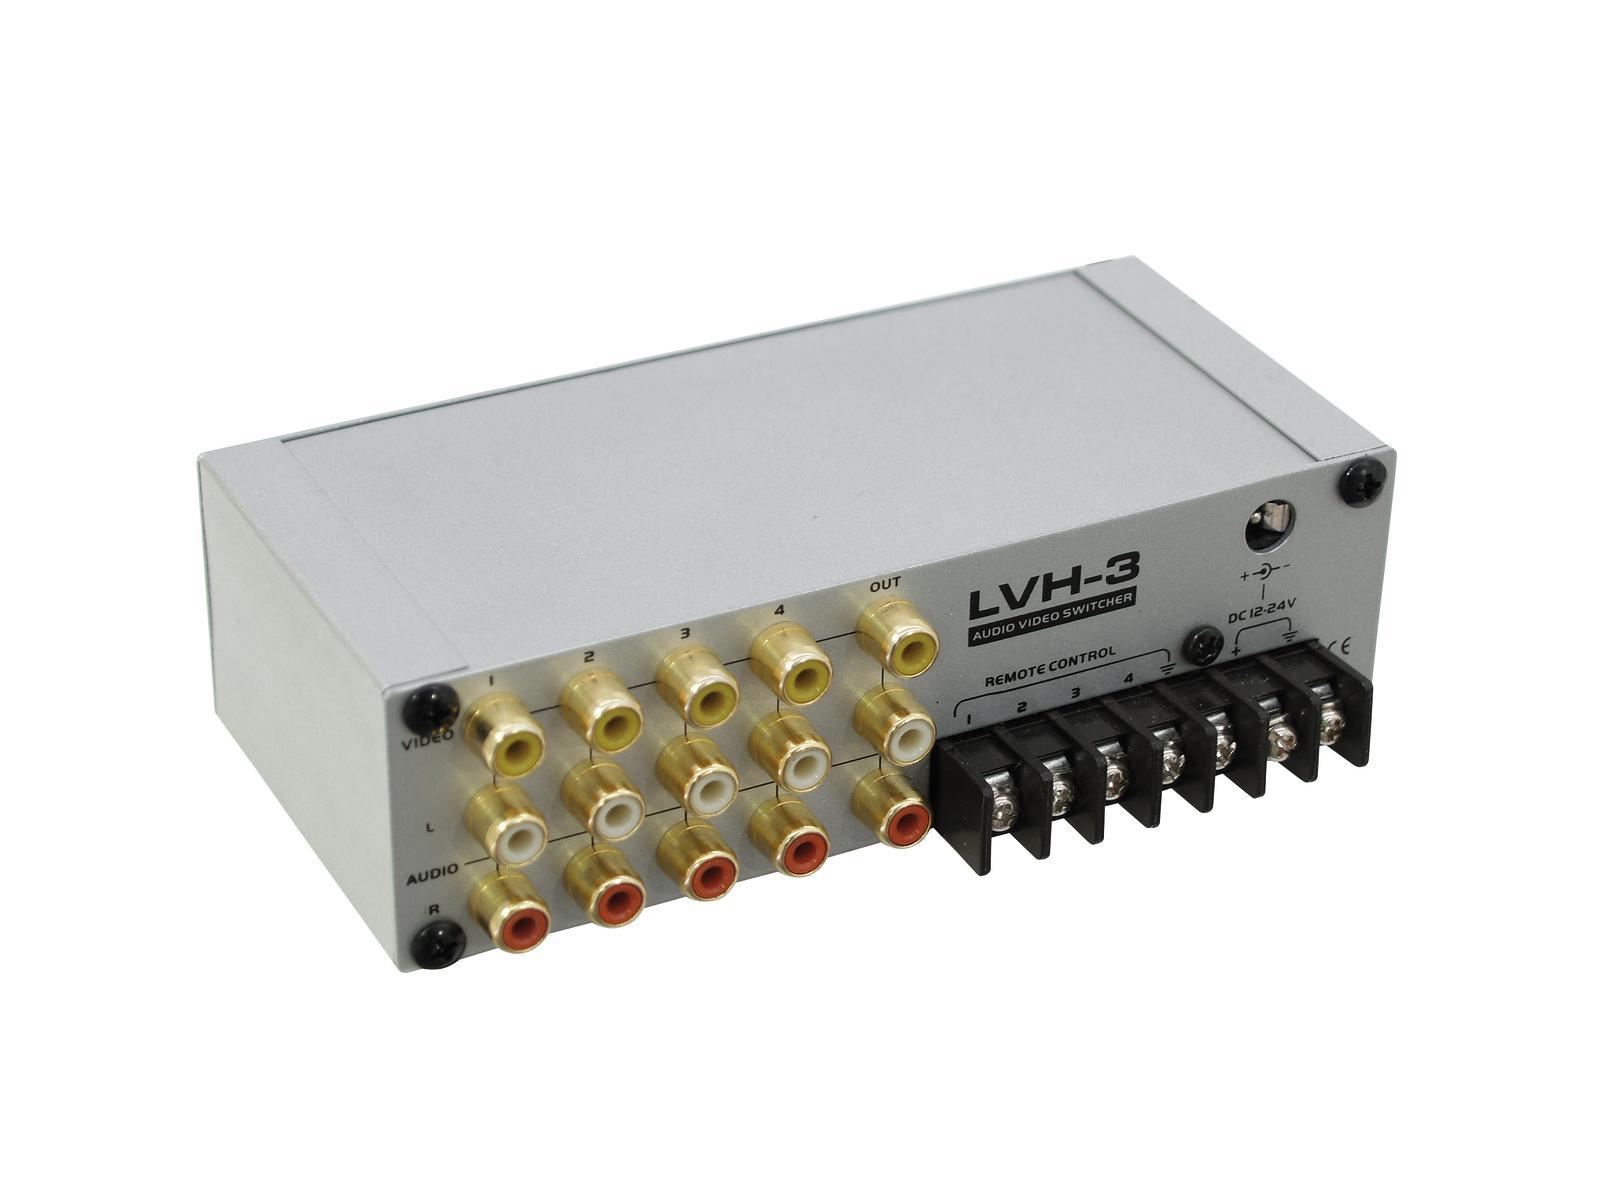 EUROLITE LVH-3 AV interruttore